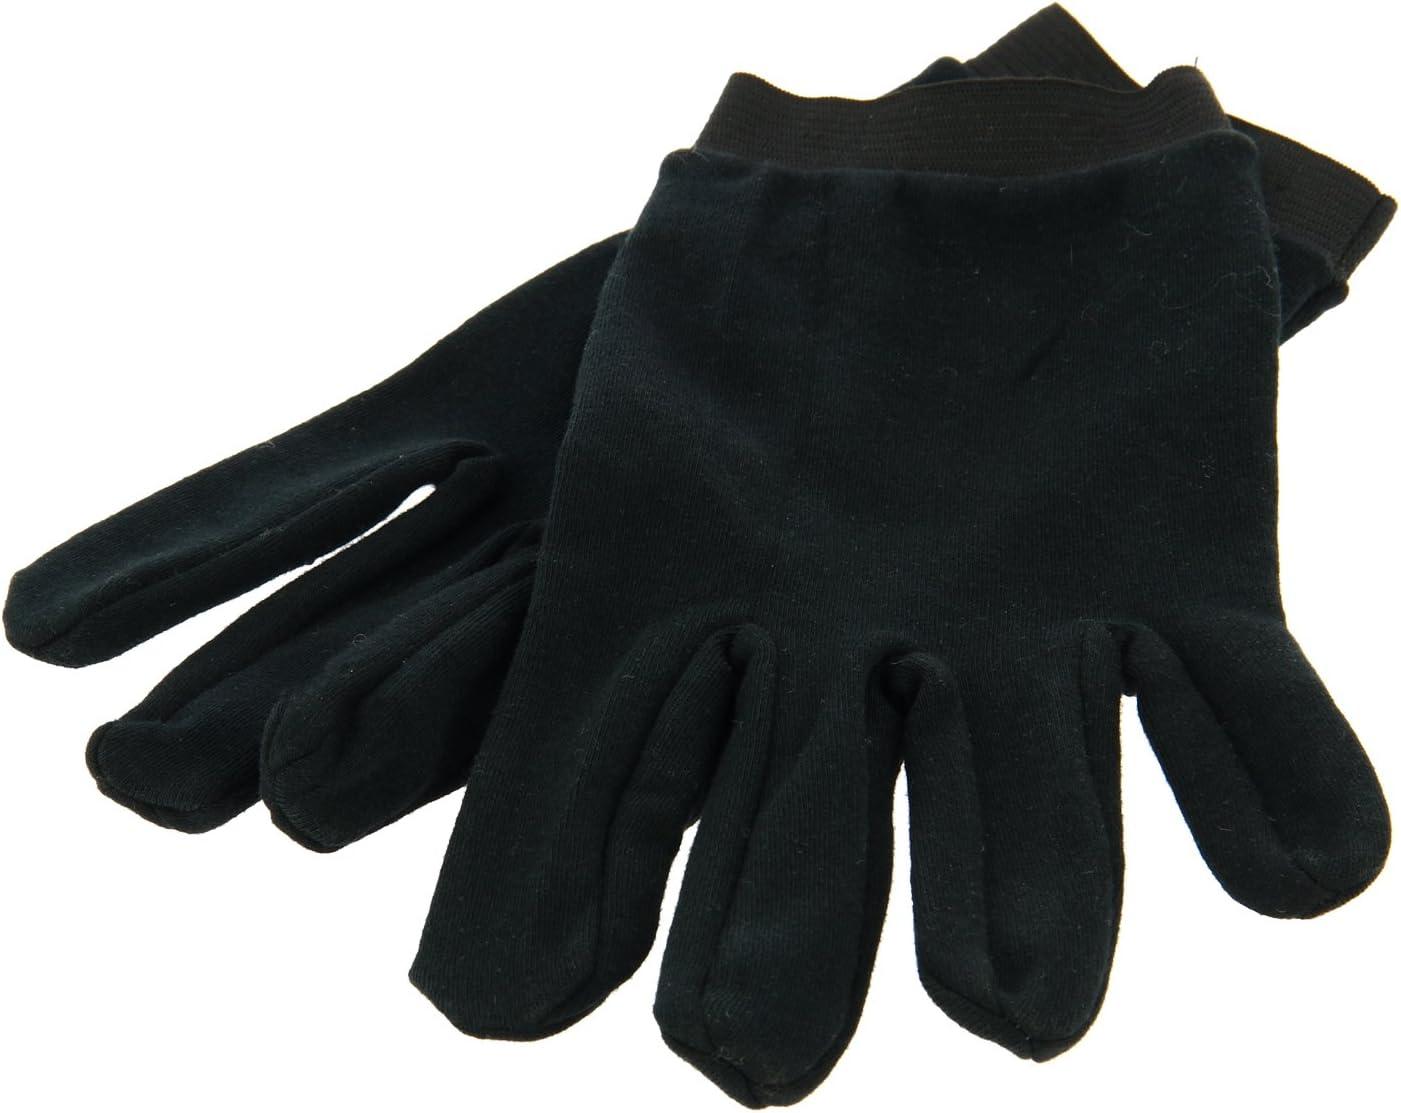 MQS 310752 - Guantes, color negro, talla única, 100% algodón, talla única, ideal para guantes de moto: Amazon.es: Coche y moto